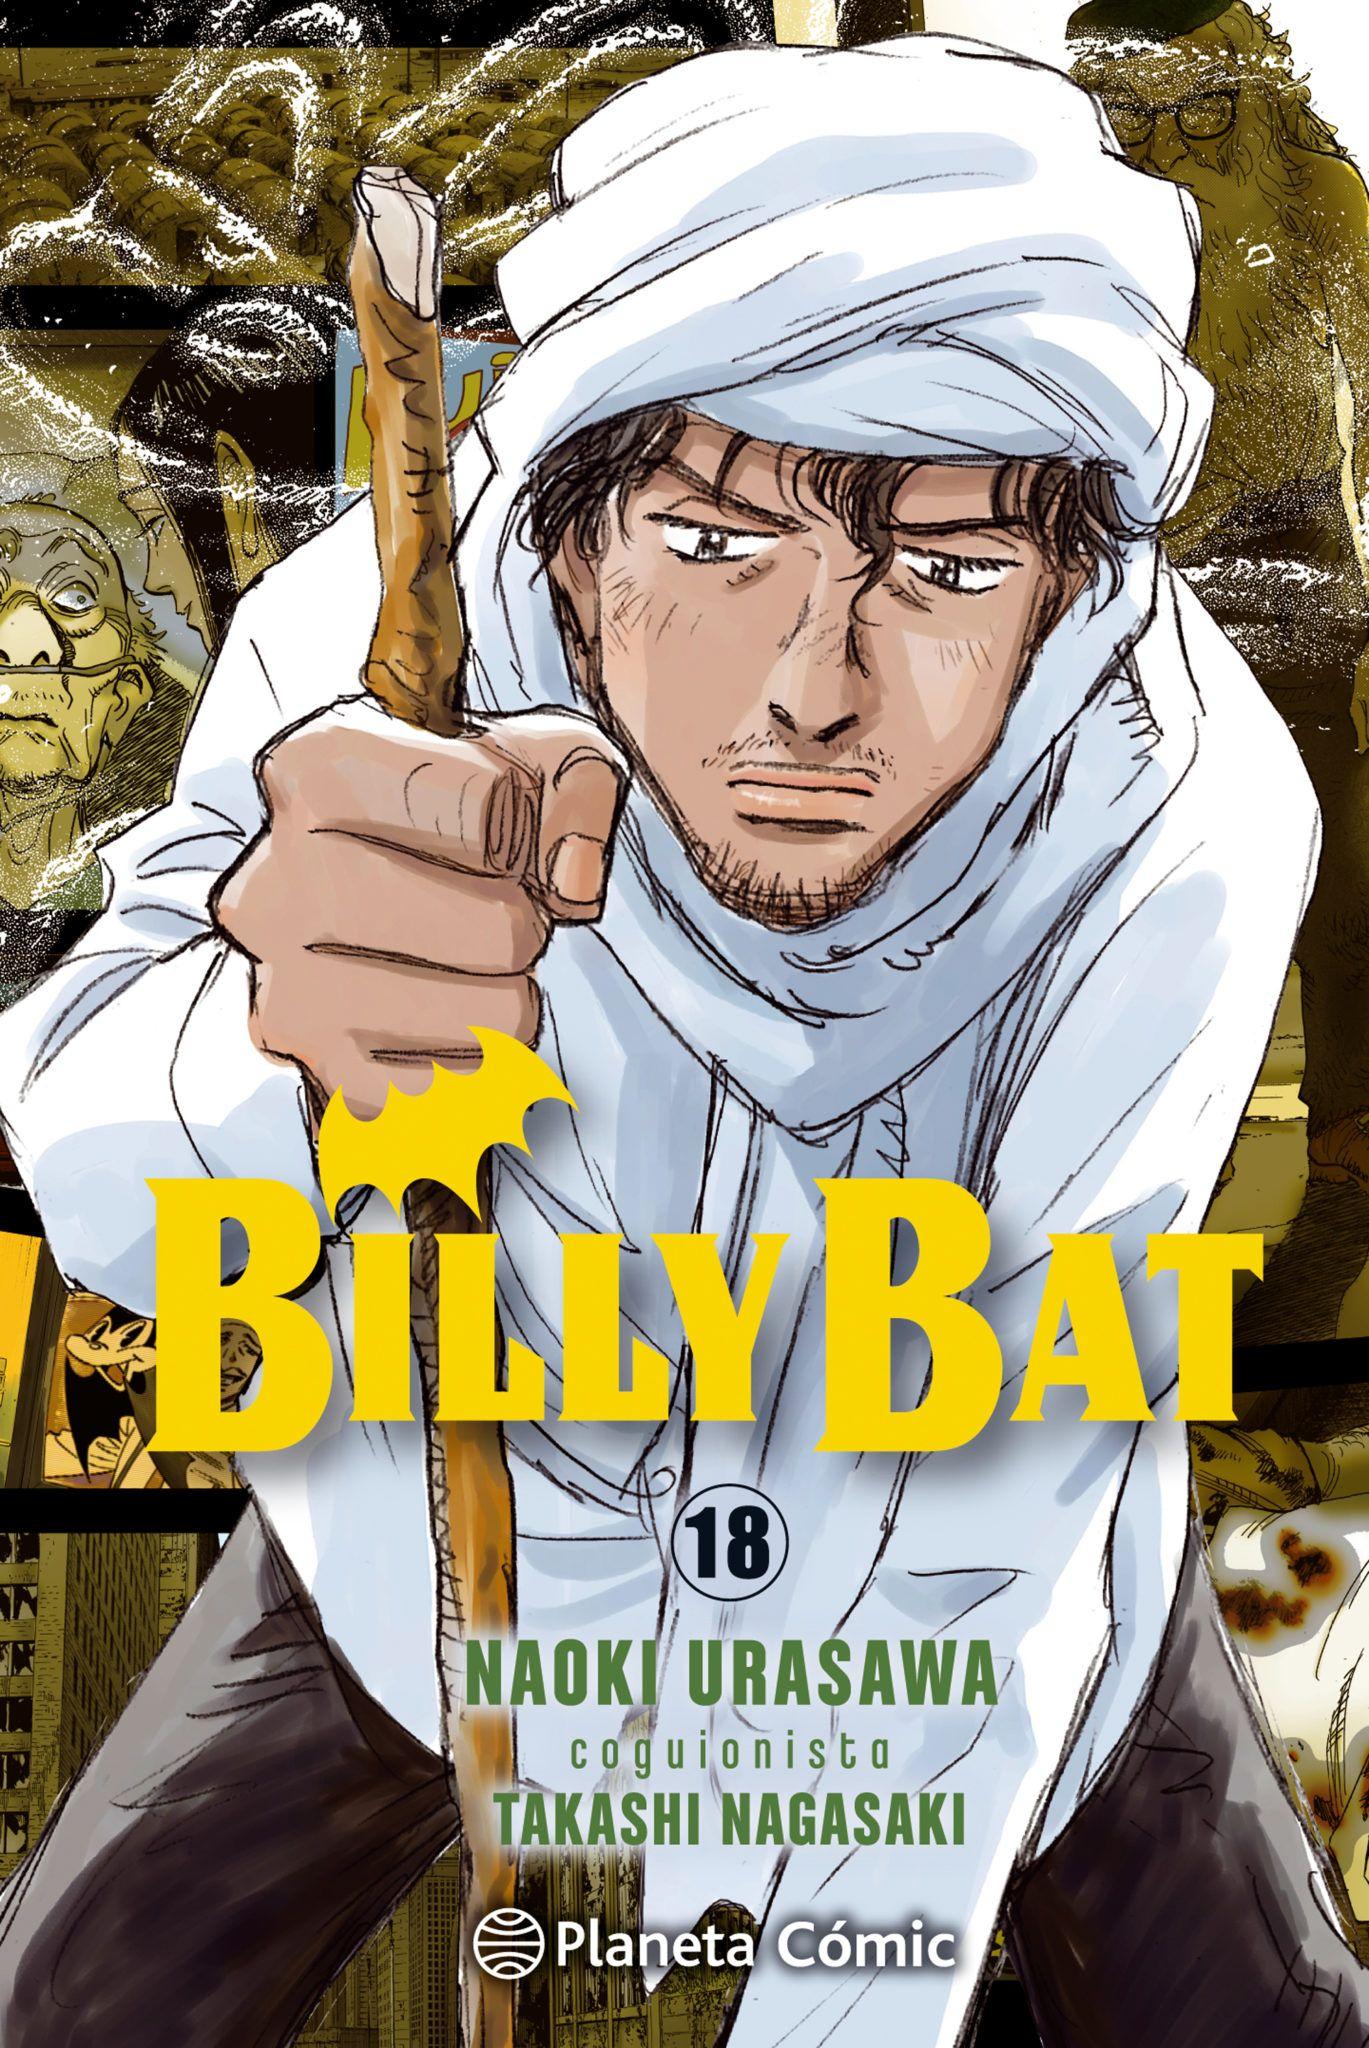 sobrecubierta_BILLY BAT_num18.indd